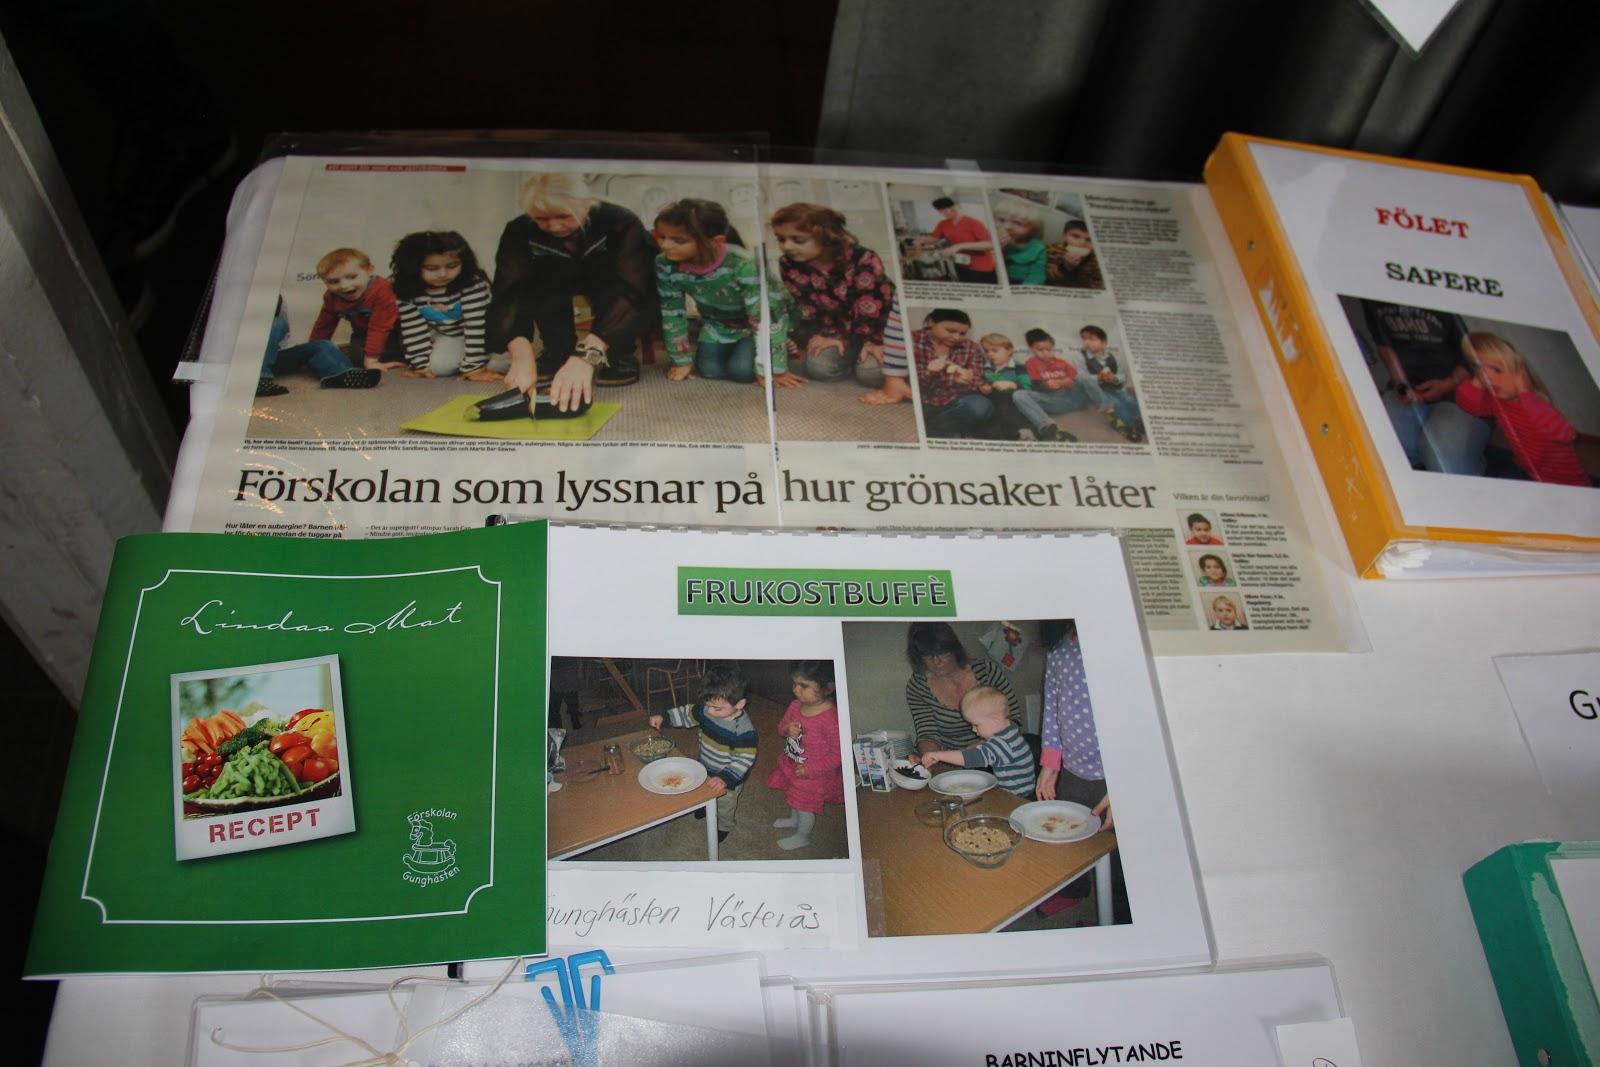 måltider i förskolan-arkiv - Sida 4 av 4 - Måltidsbloggen